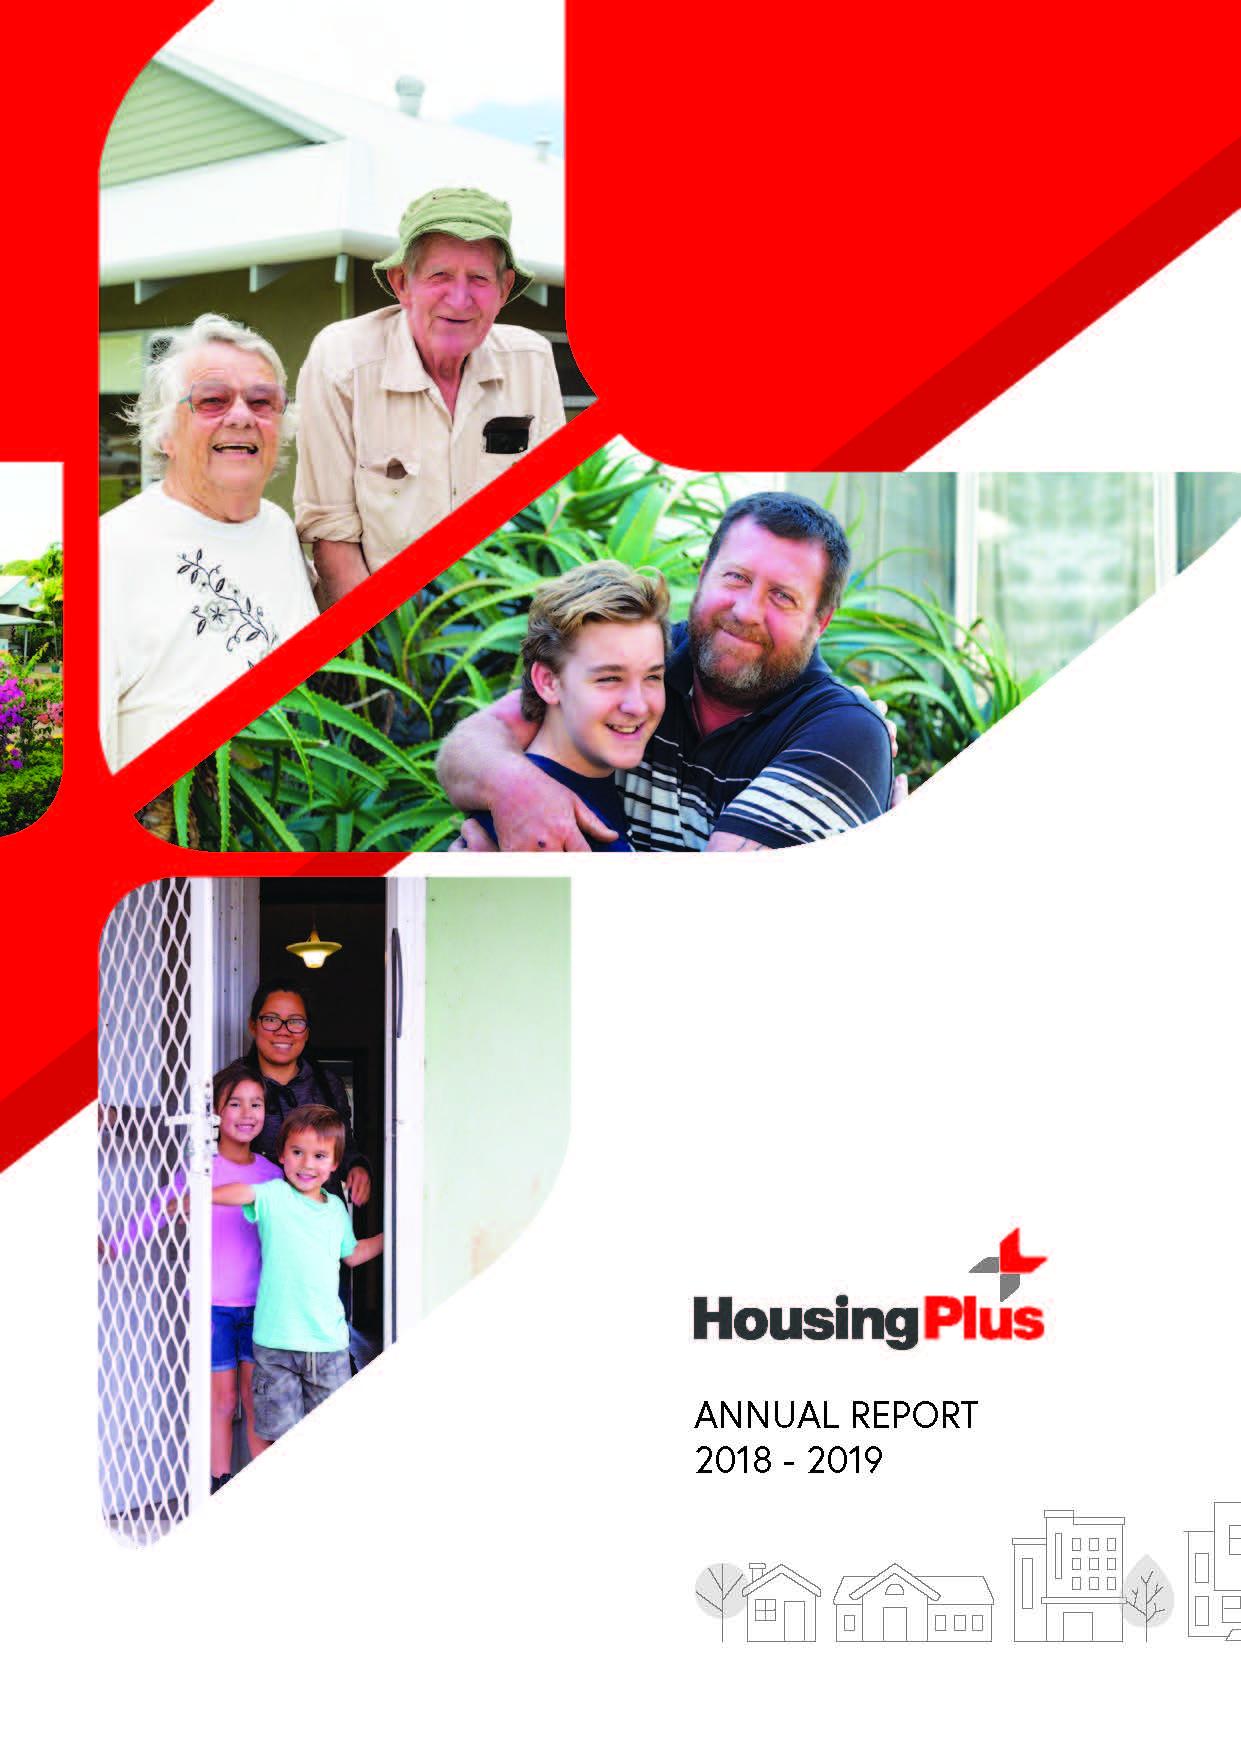 Housing Plus Annual Report 2018 - 2019